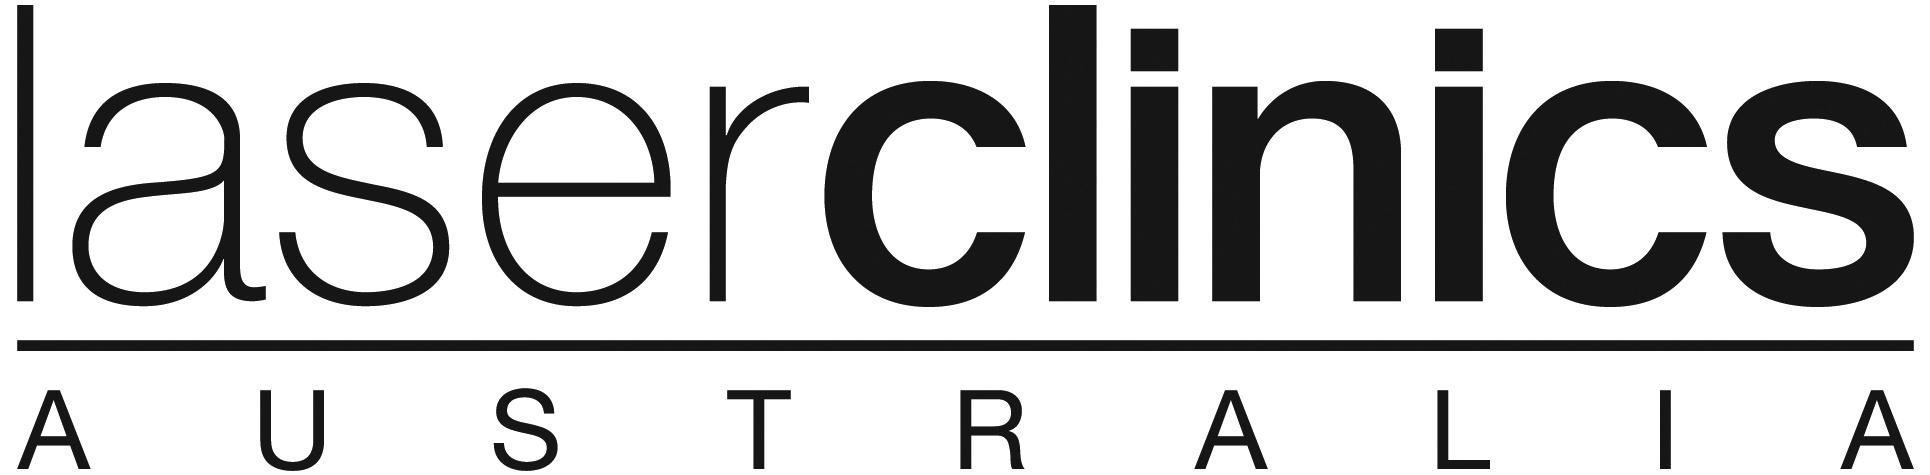 LCA_logotype